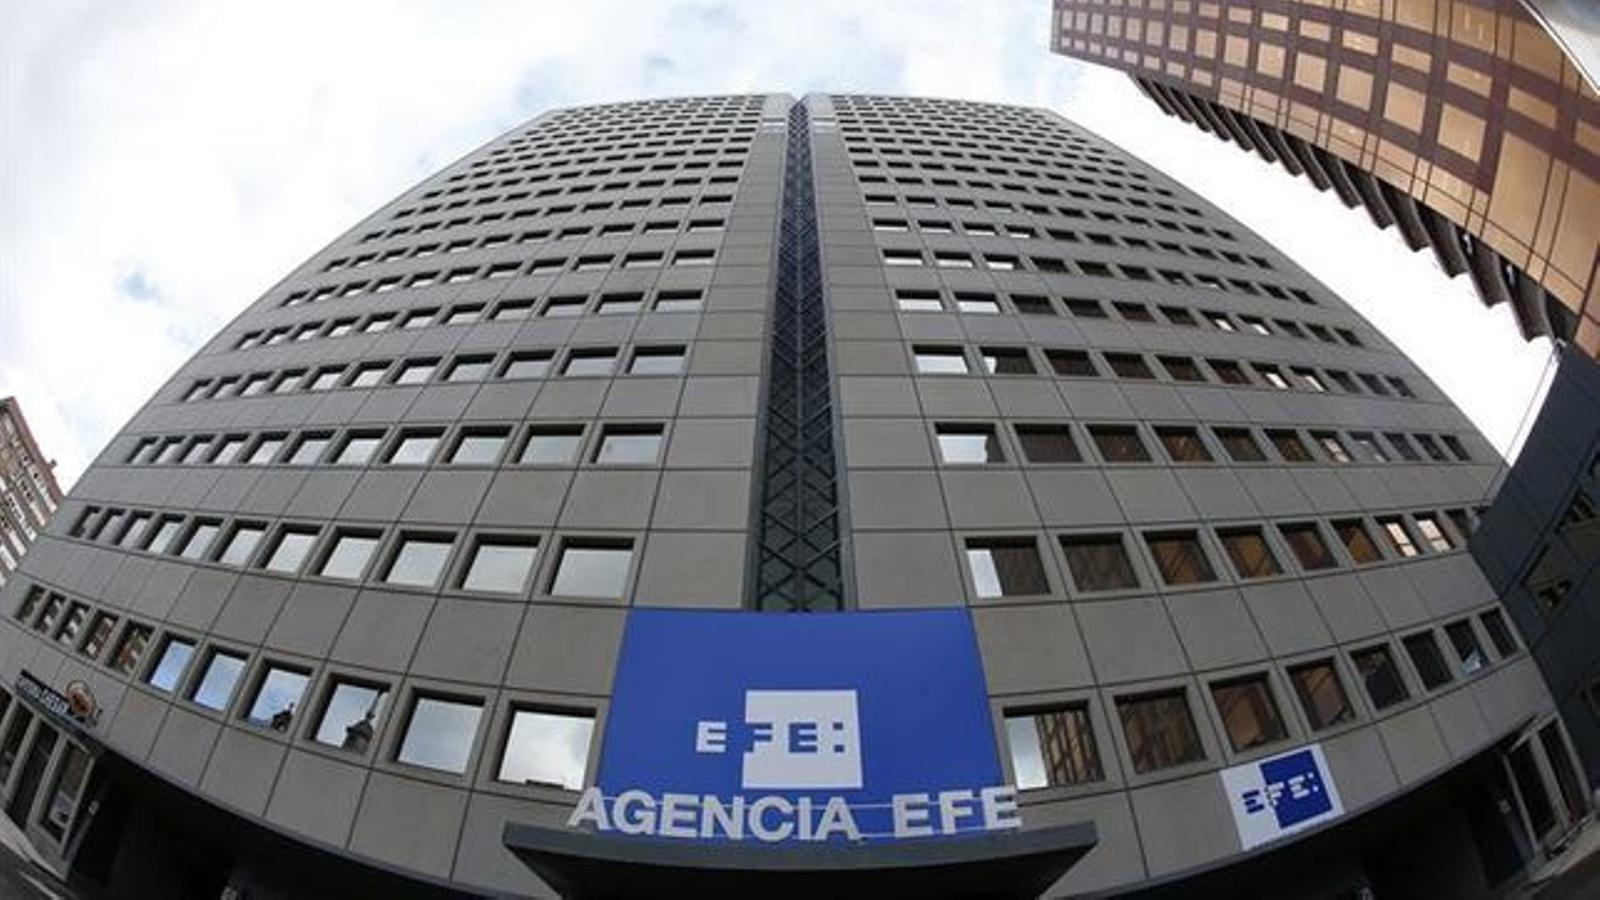 La policia intentà intervenir també els telèfons de l'agència Efe pel cas Cursach